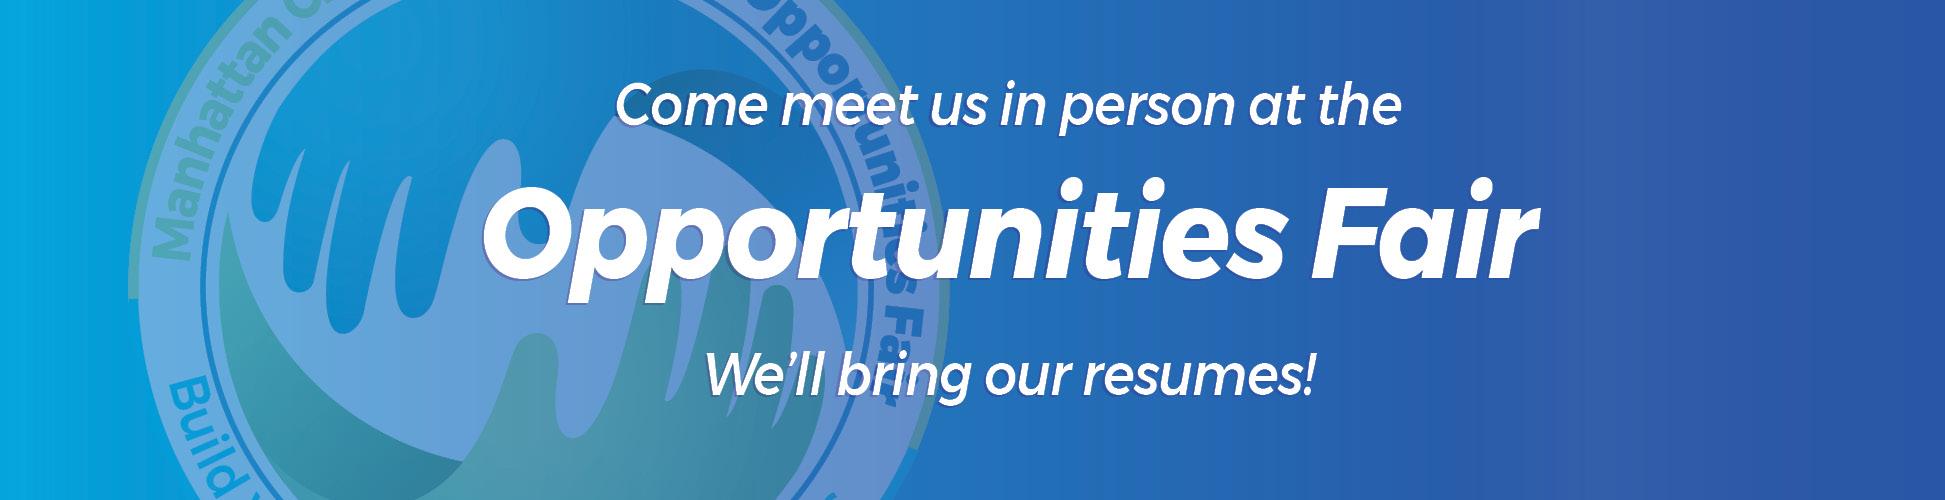 Opportunities Fair small banner